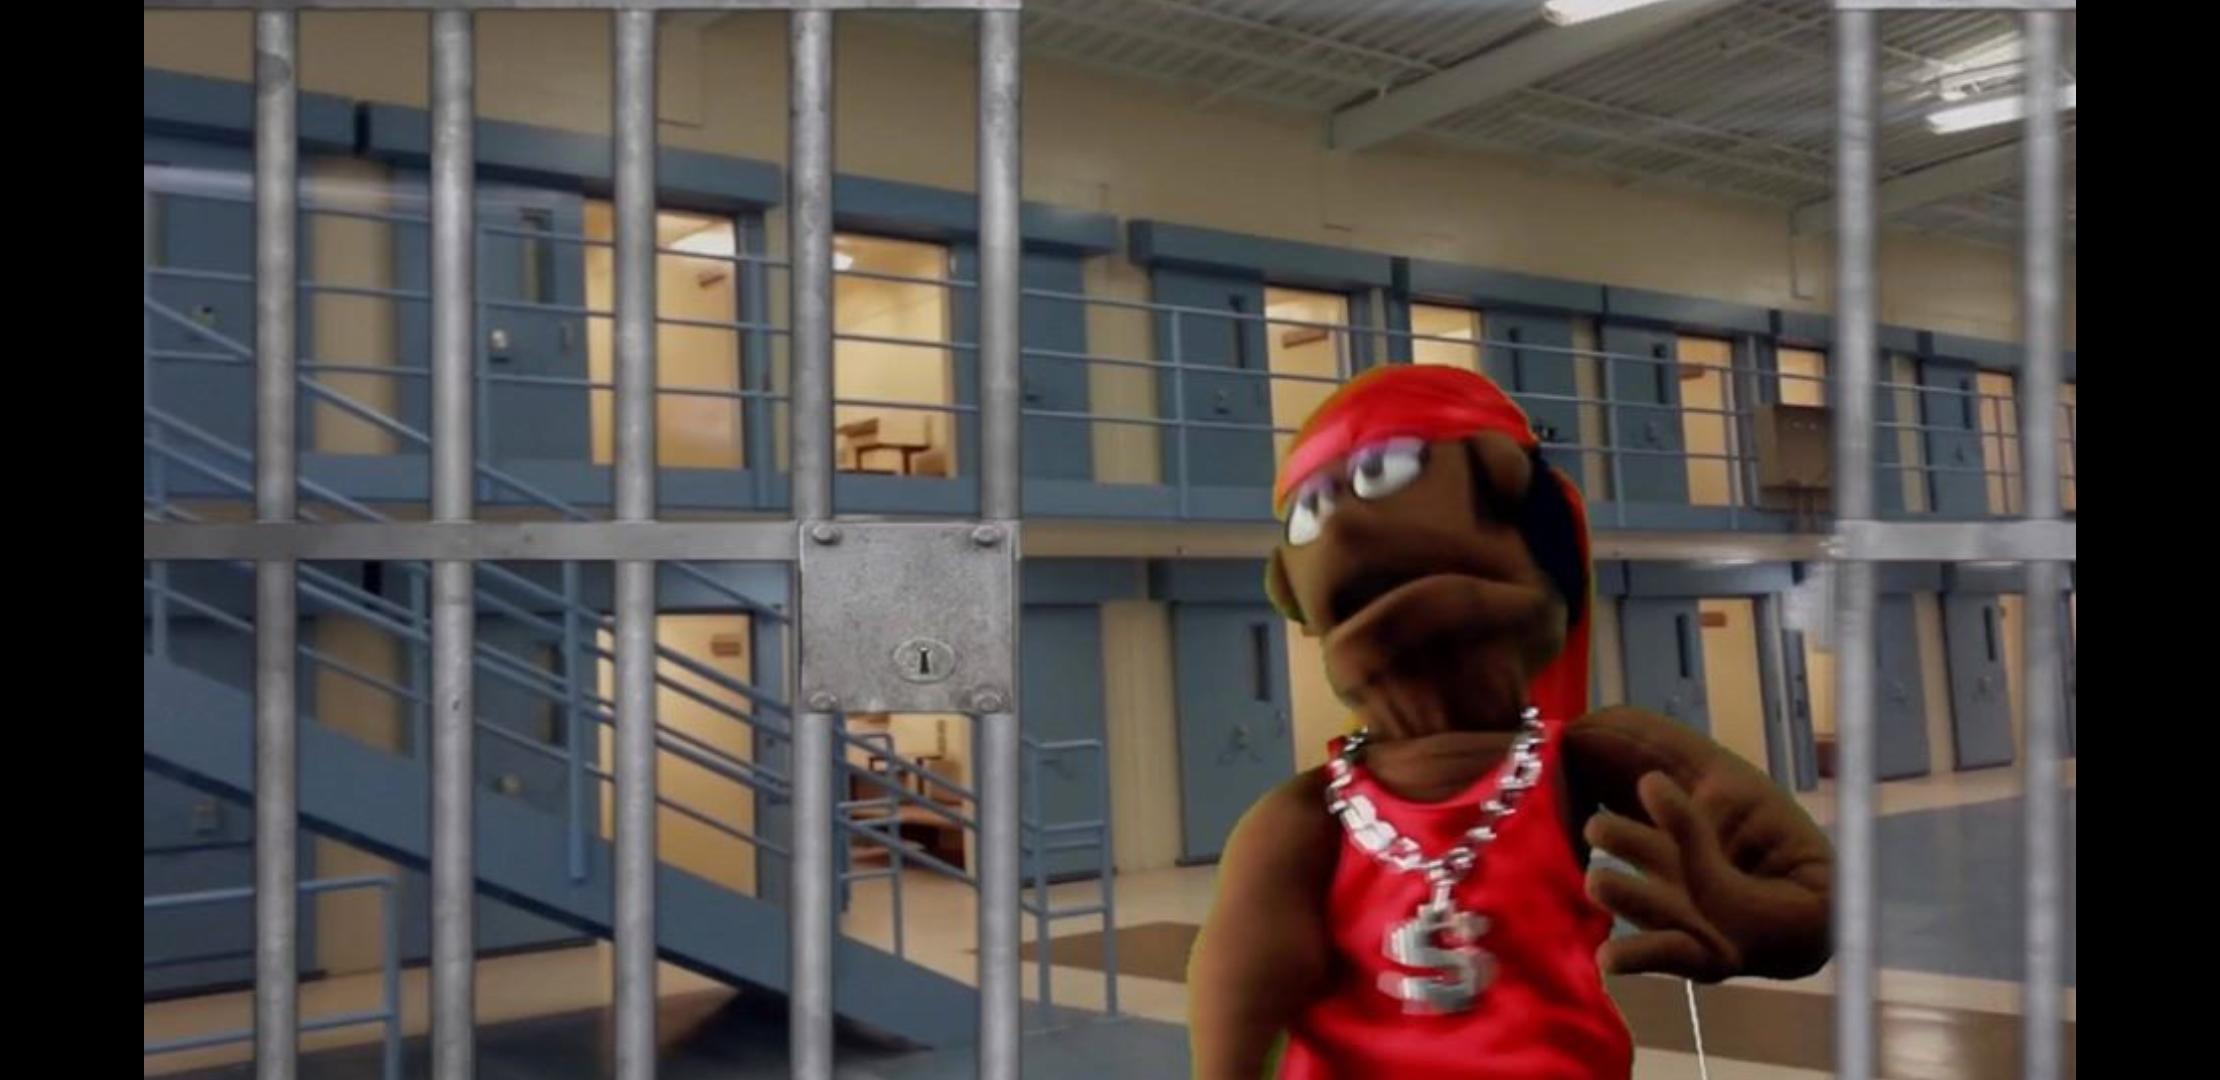 Ganster Muppet, Can't Get John Anderson Rap